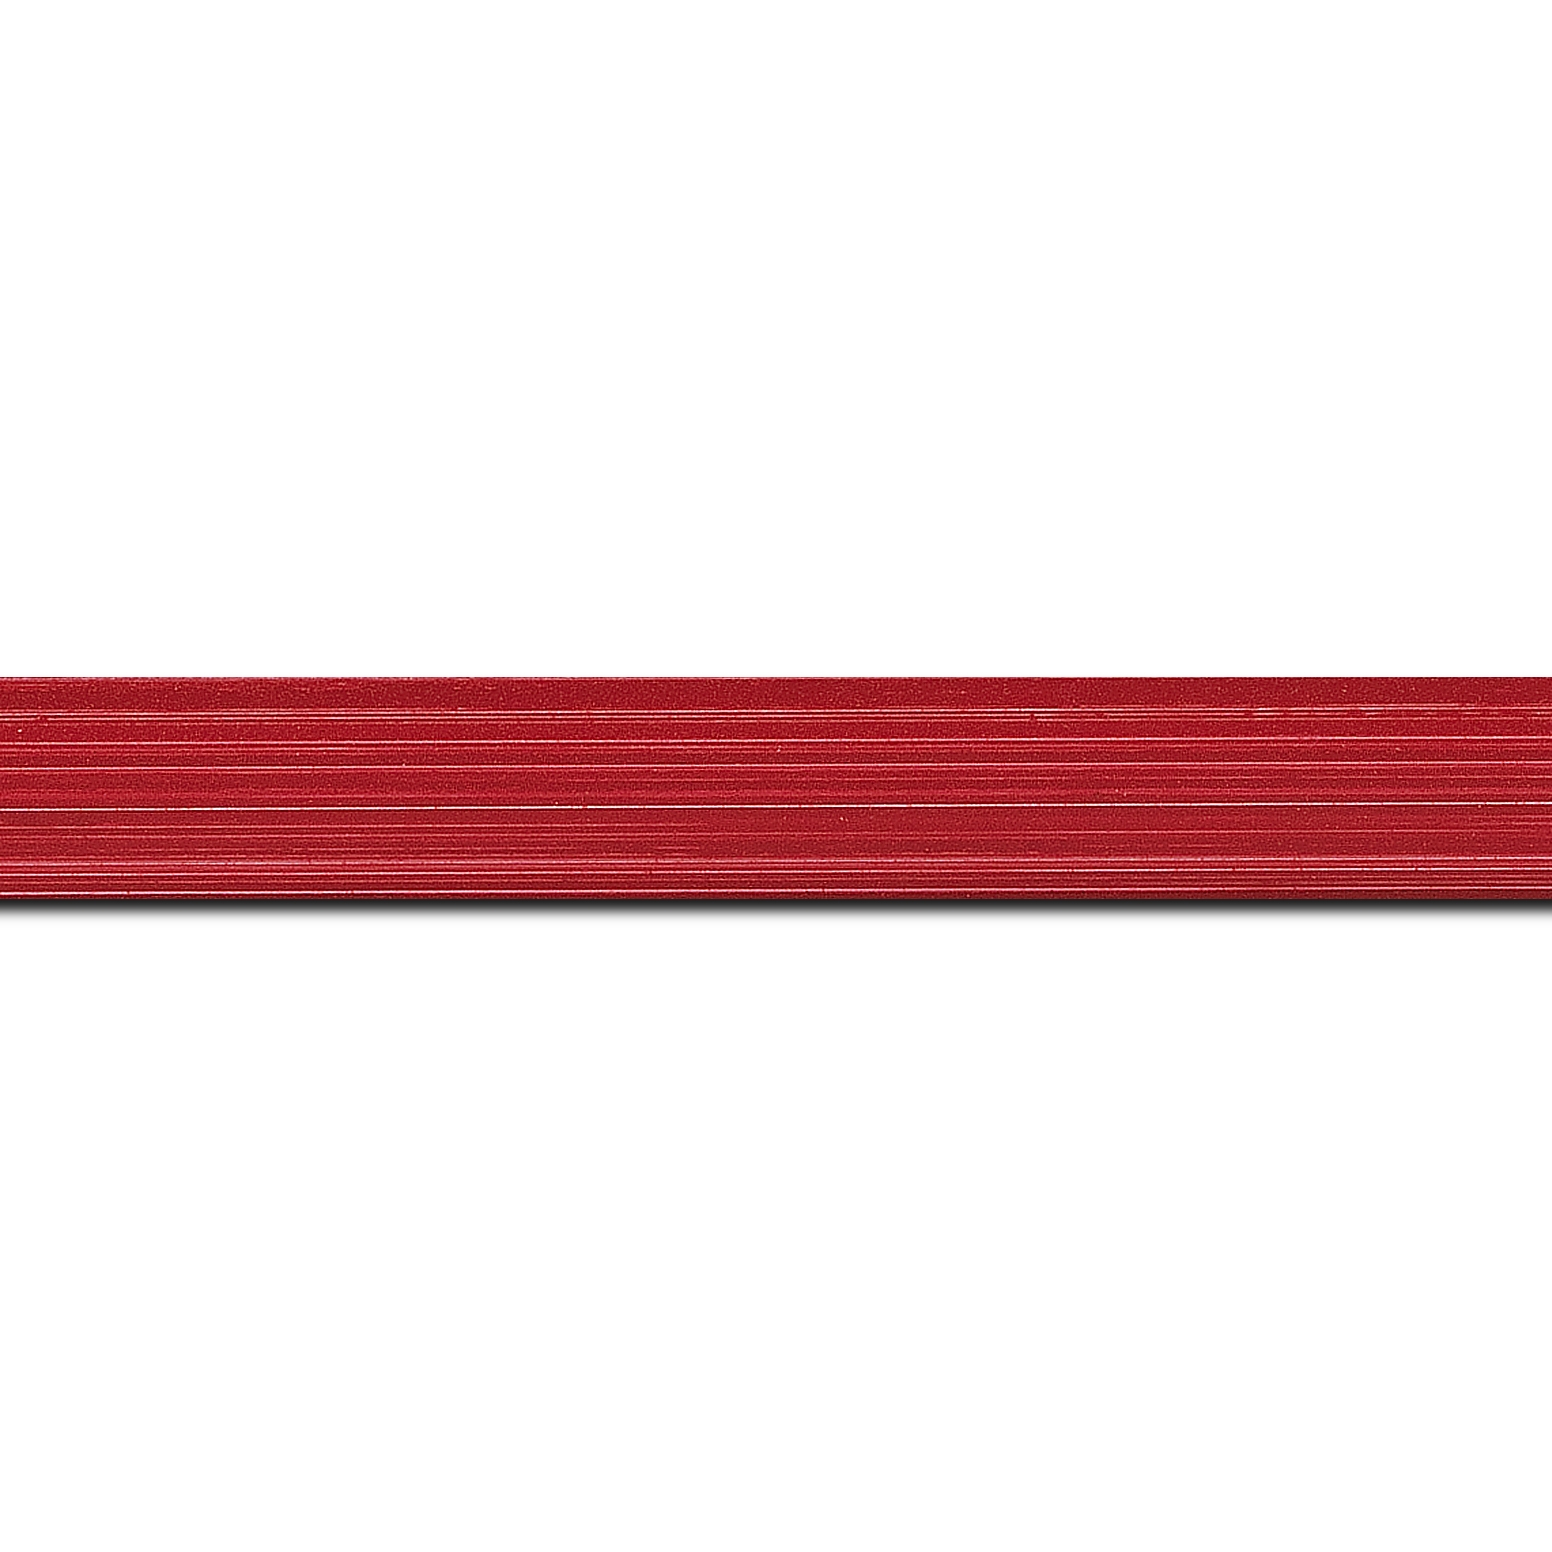 Pack par 12m, bois profil concave largeur 2.4cm couleur rouge grenadine effet matière fond blanc(longueur baguette pouvant varier entre 2.40m et 3m selon arrivage des bois)